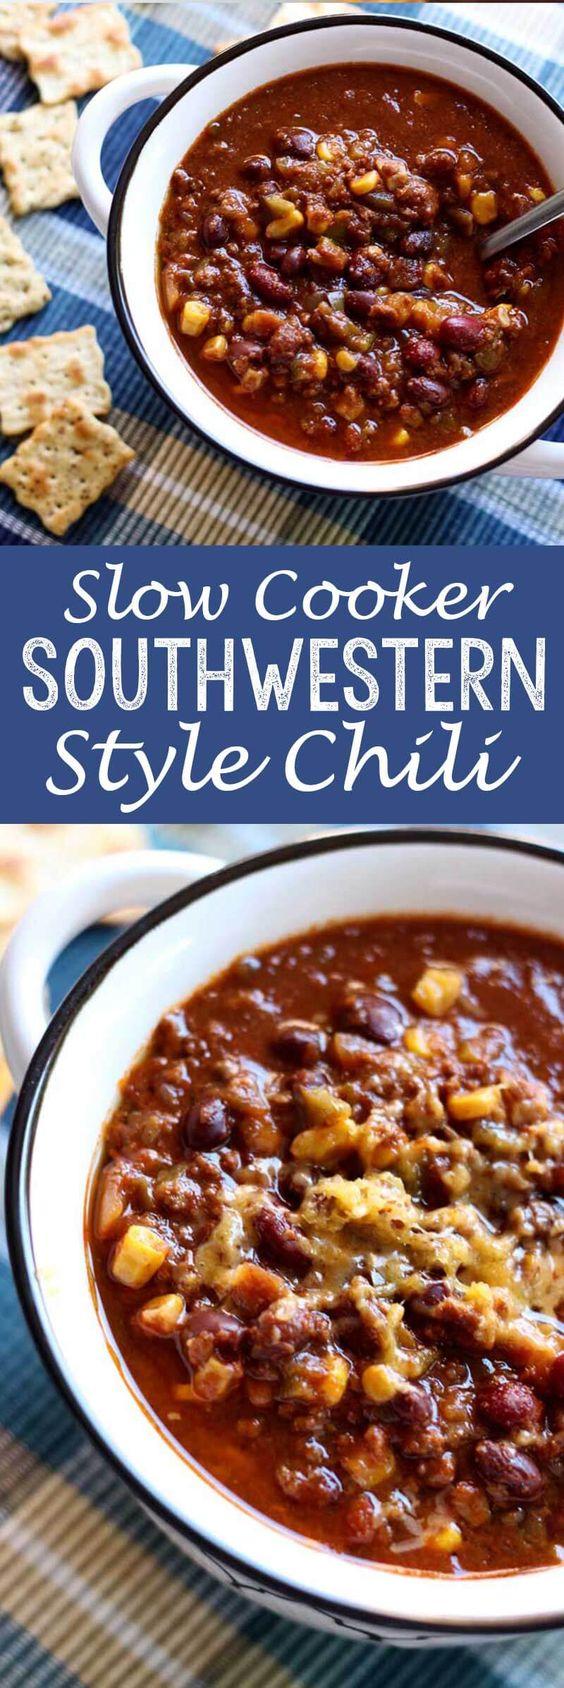 Slow-Cooker Southwest Chili | Recipe | Chili, Southwestern Style and ...